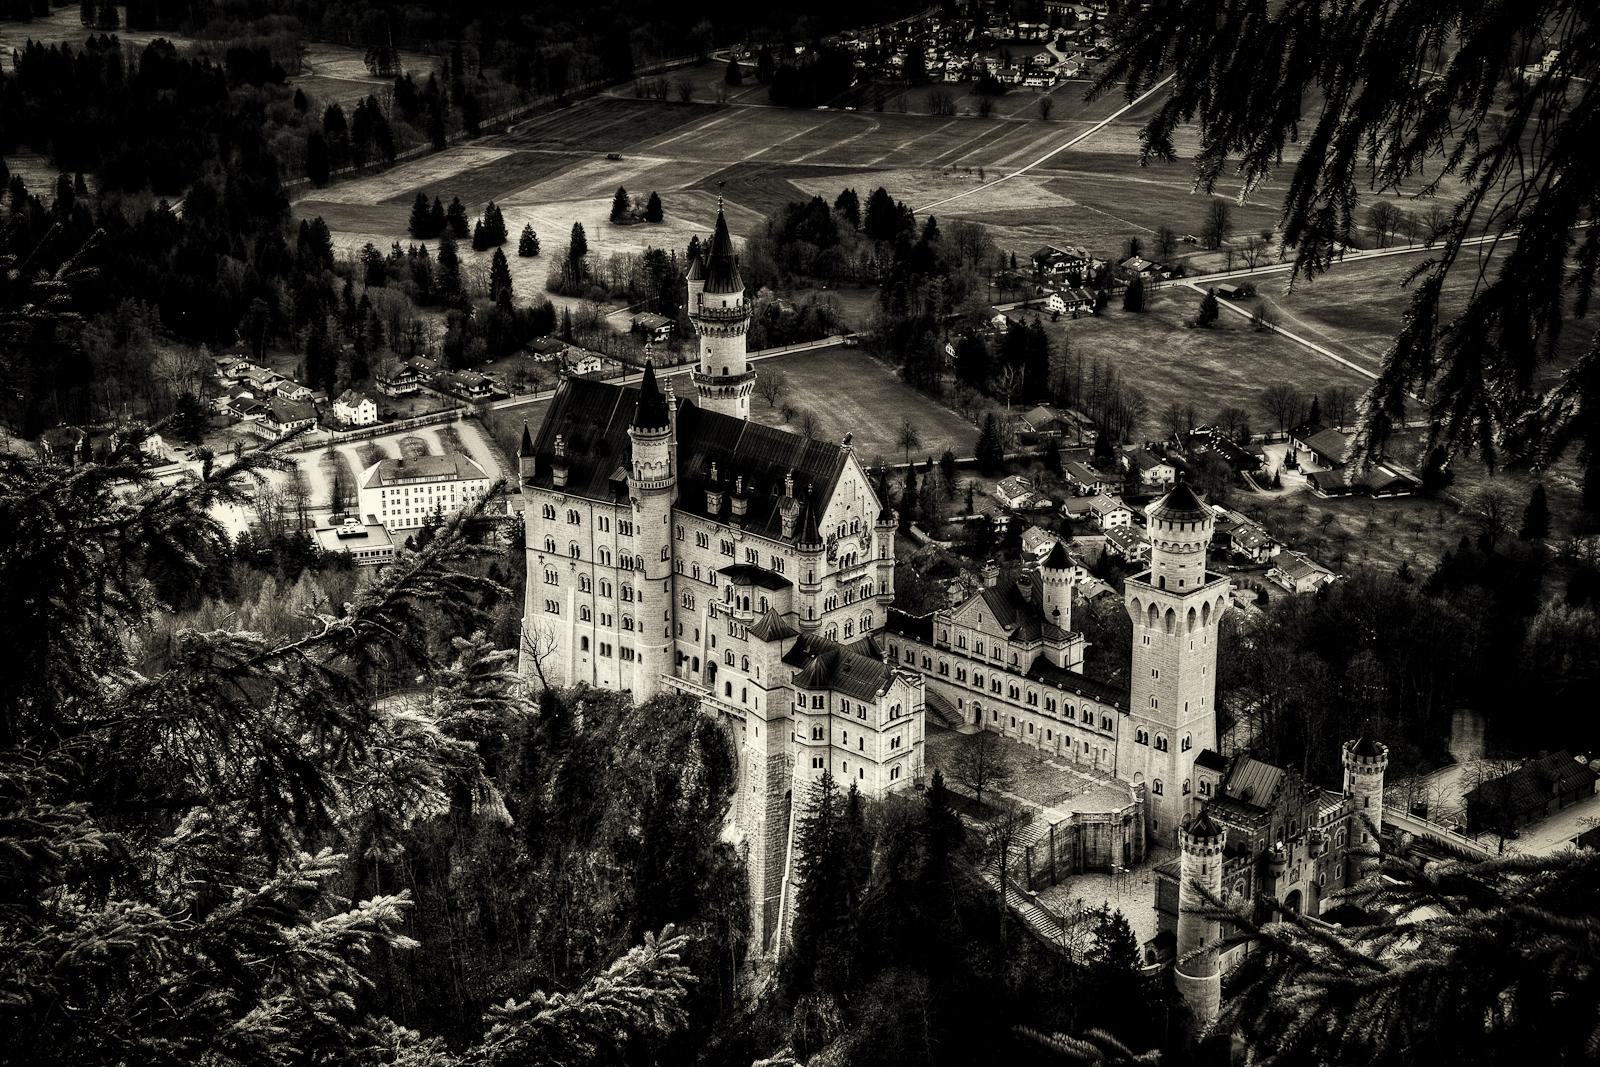 Schloss Neuschwanstein, Gemany